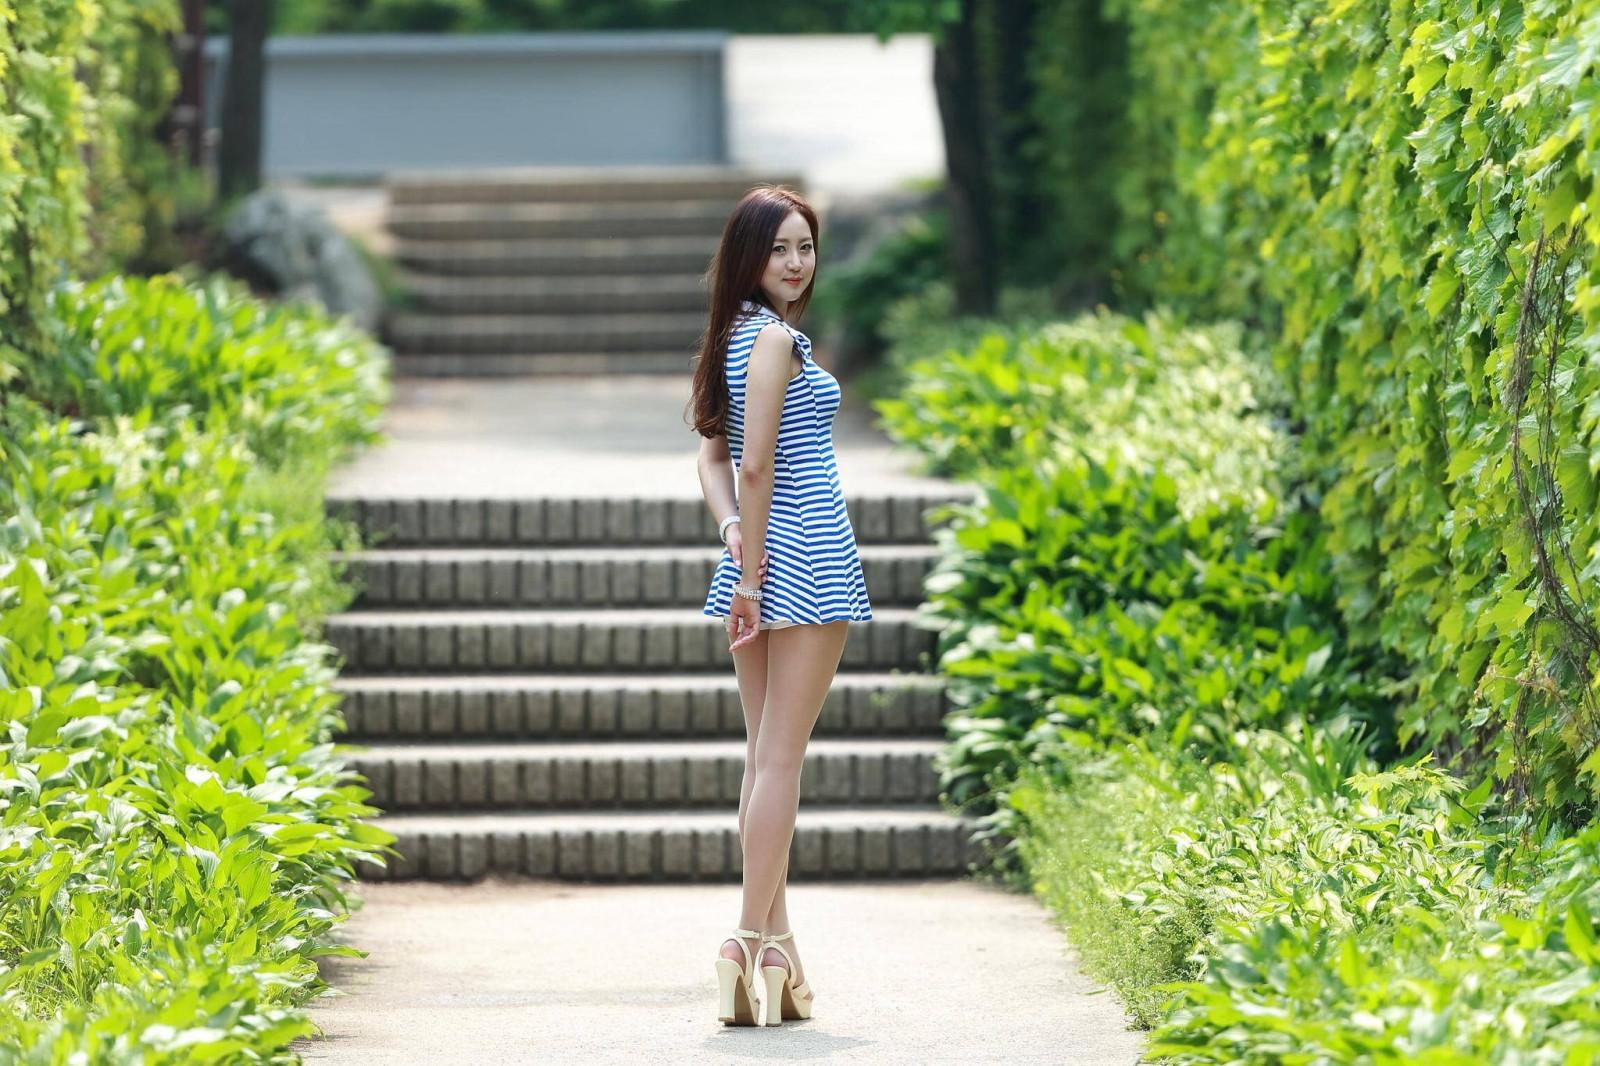 Outdoor girl asian 1